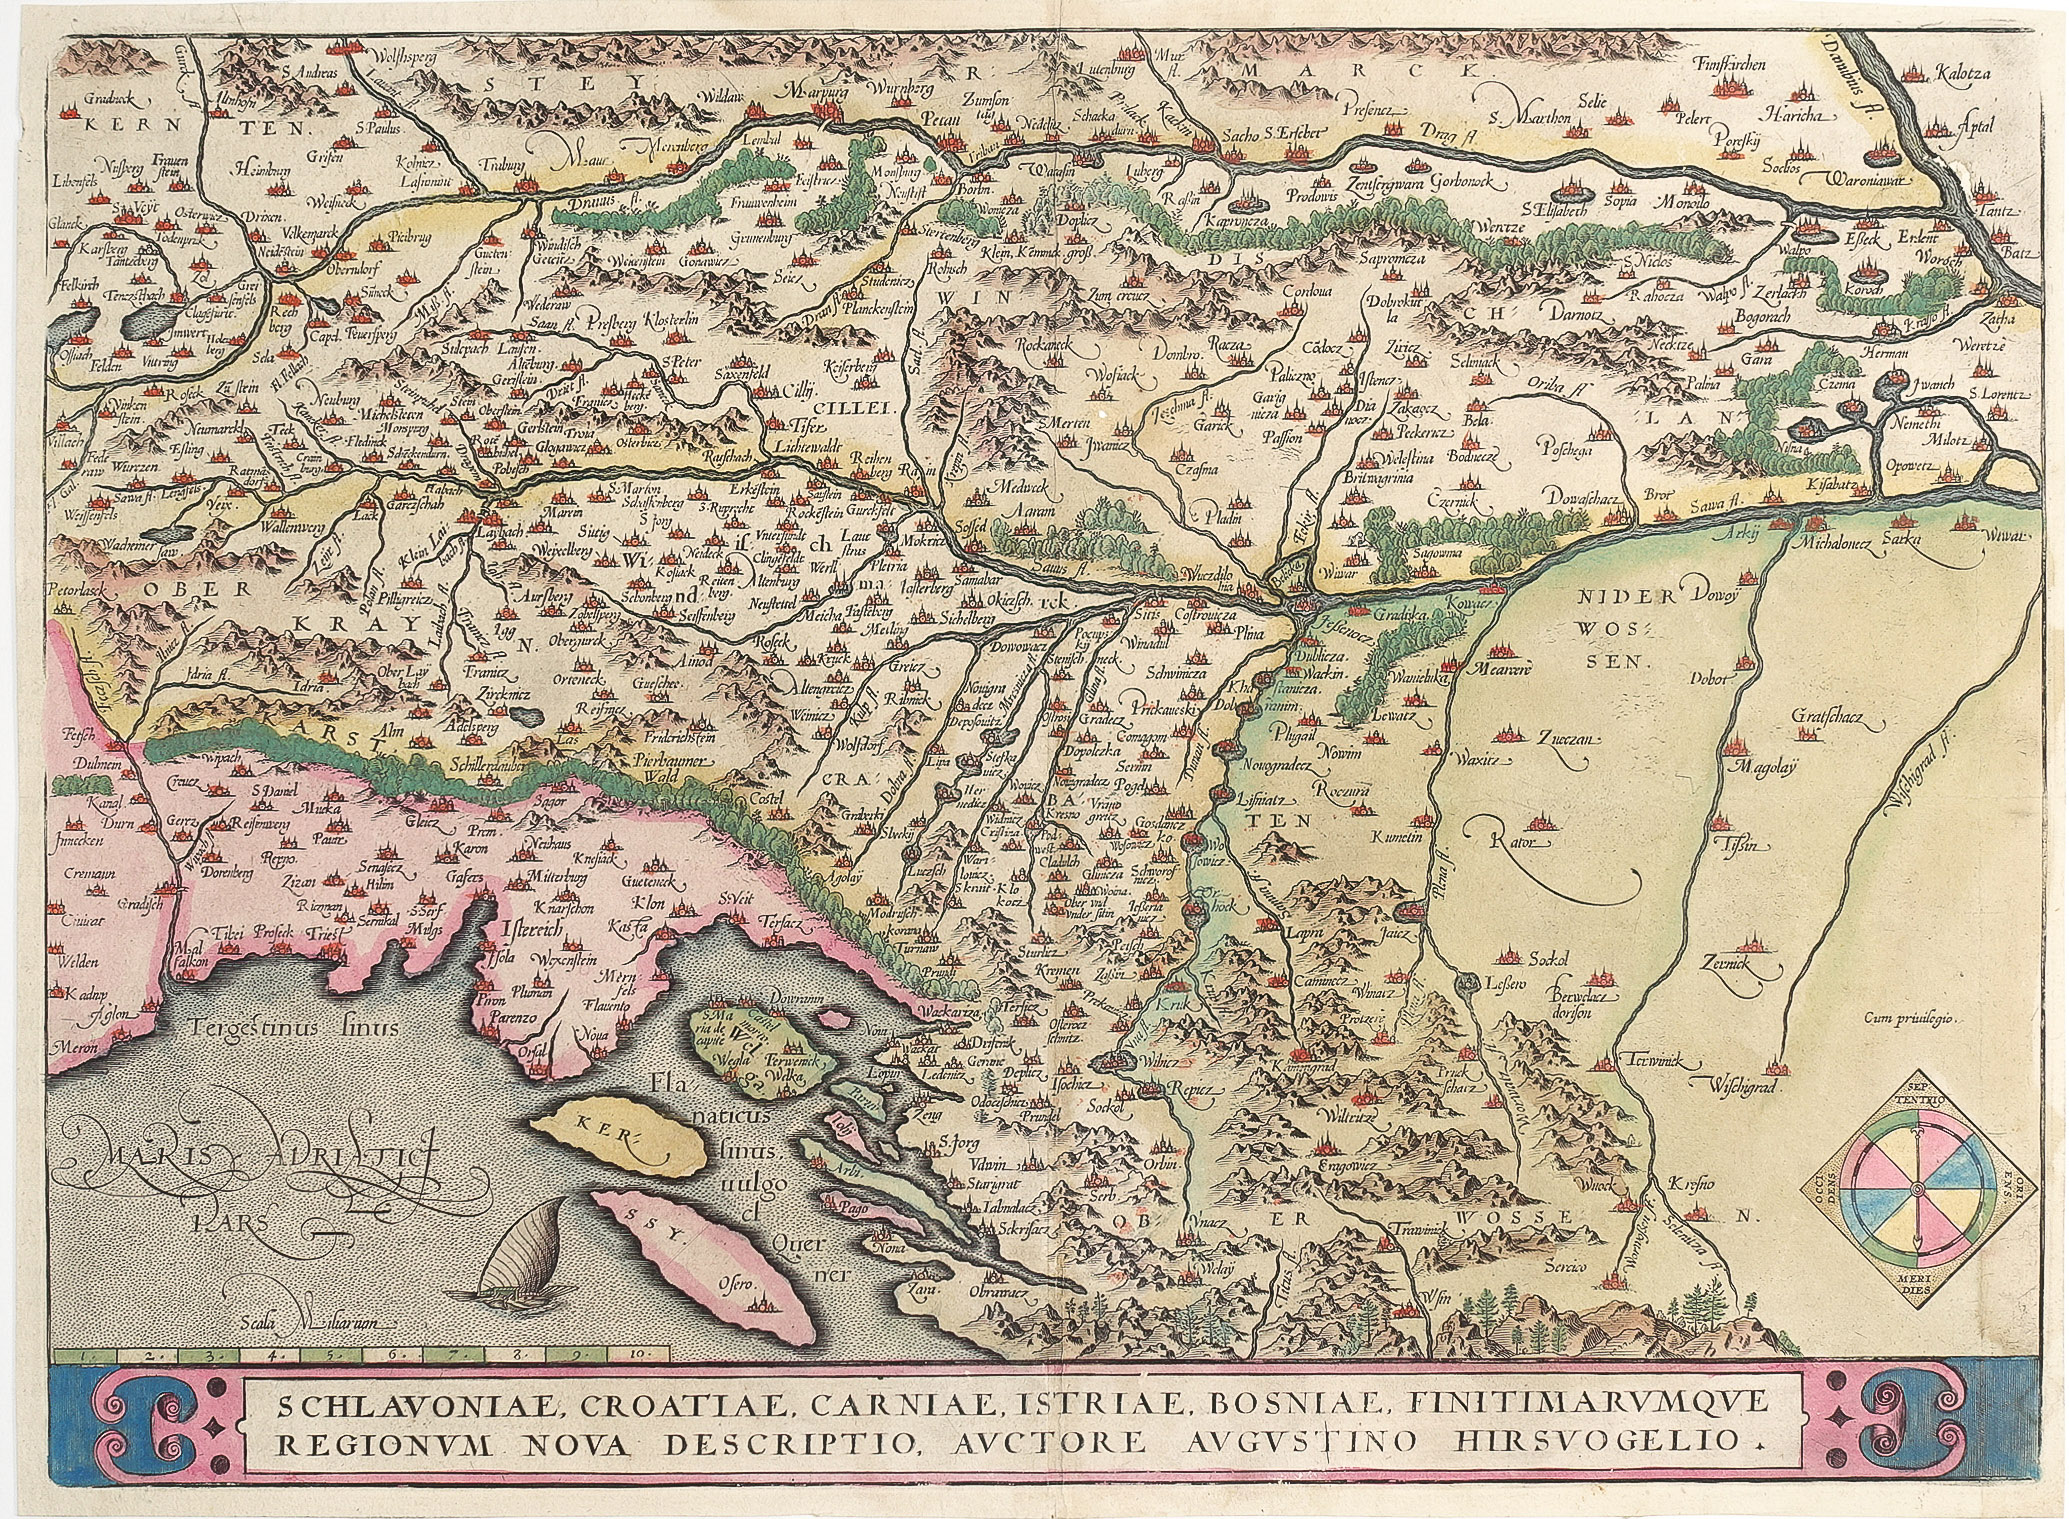 Carte Ancienne Croatie.Carte Geographique Ancienne Croatie Bosnie Istries Original Antique Map